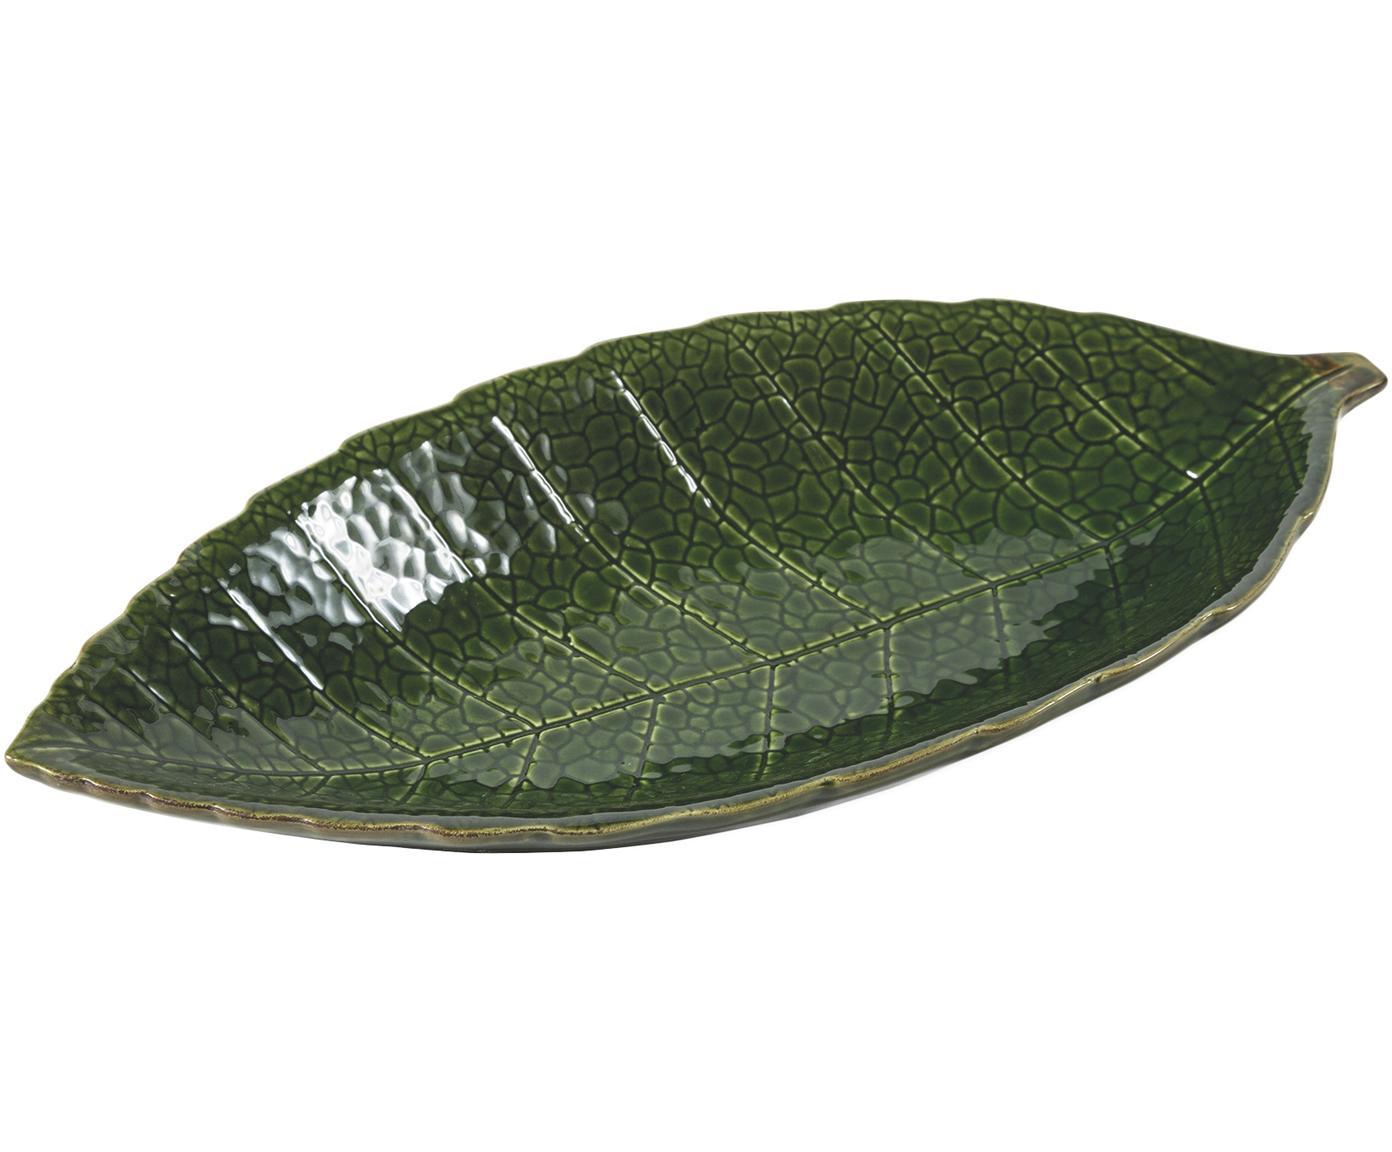 Ciotola da portata a forma di foglia Amazzonia, Dolomite, Verde, Larg. 34 x Prof. 16 cm